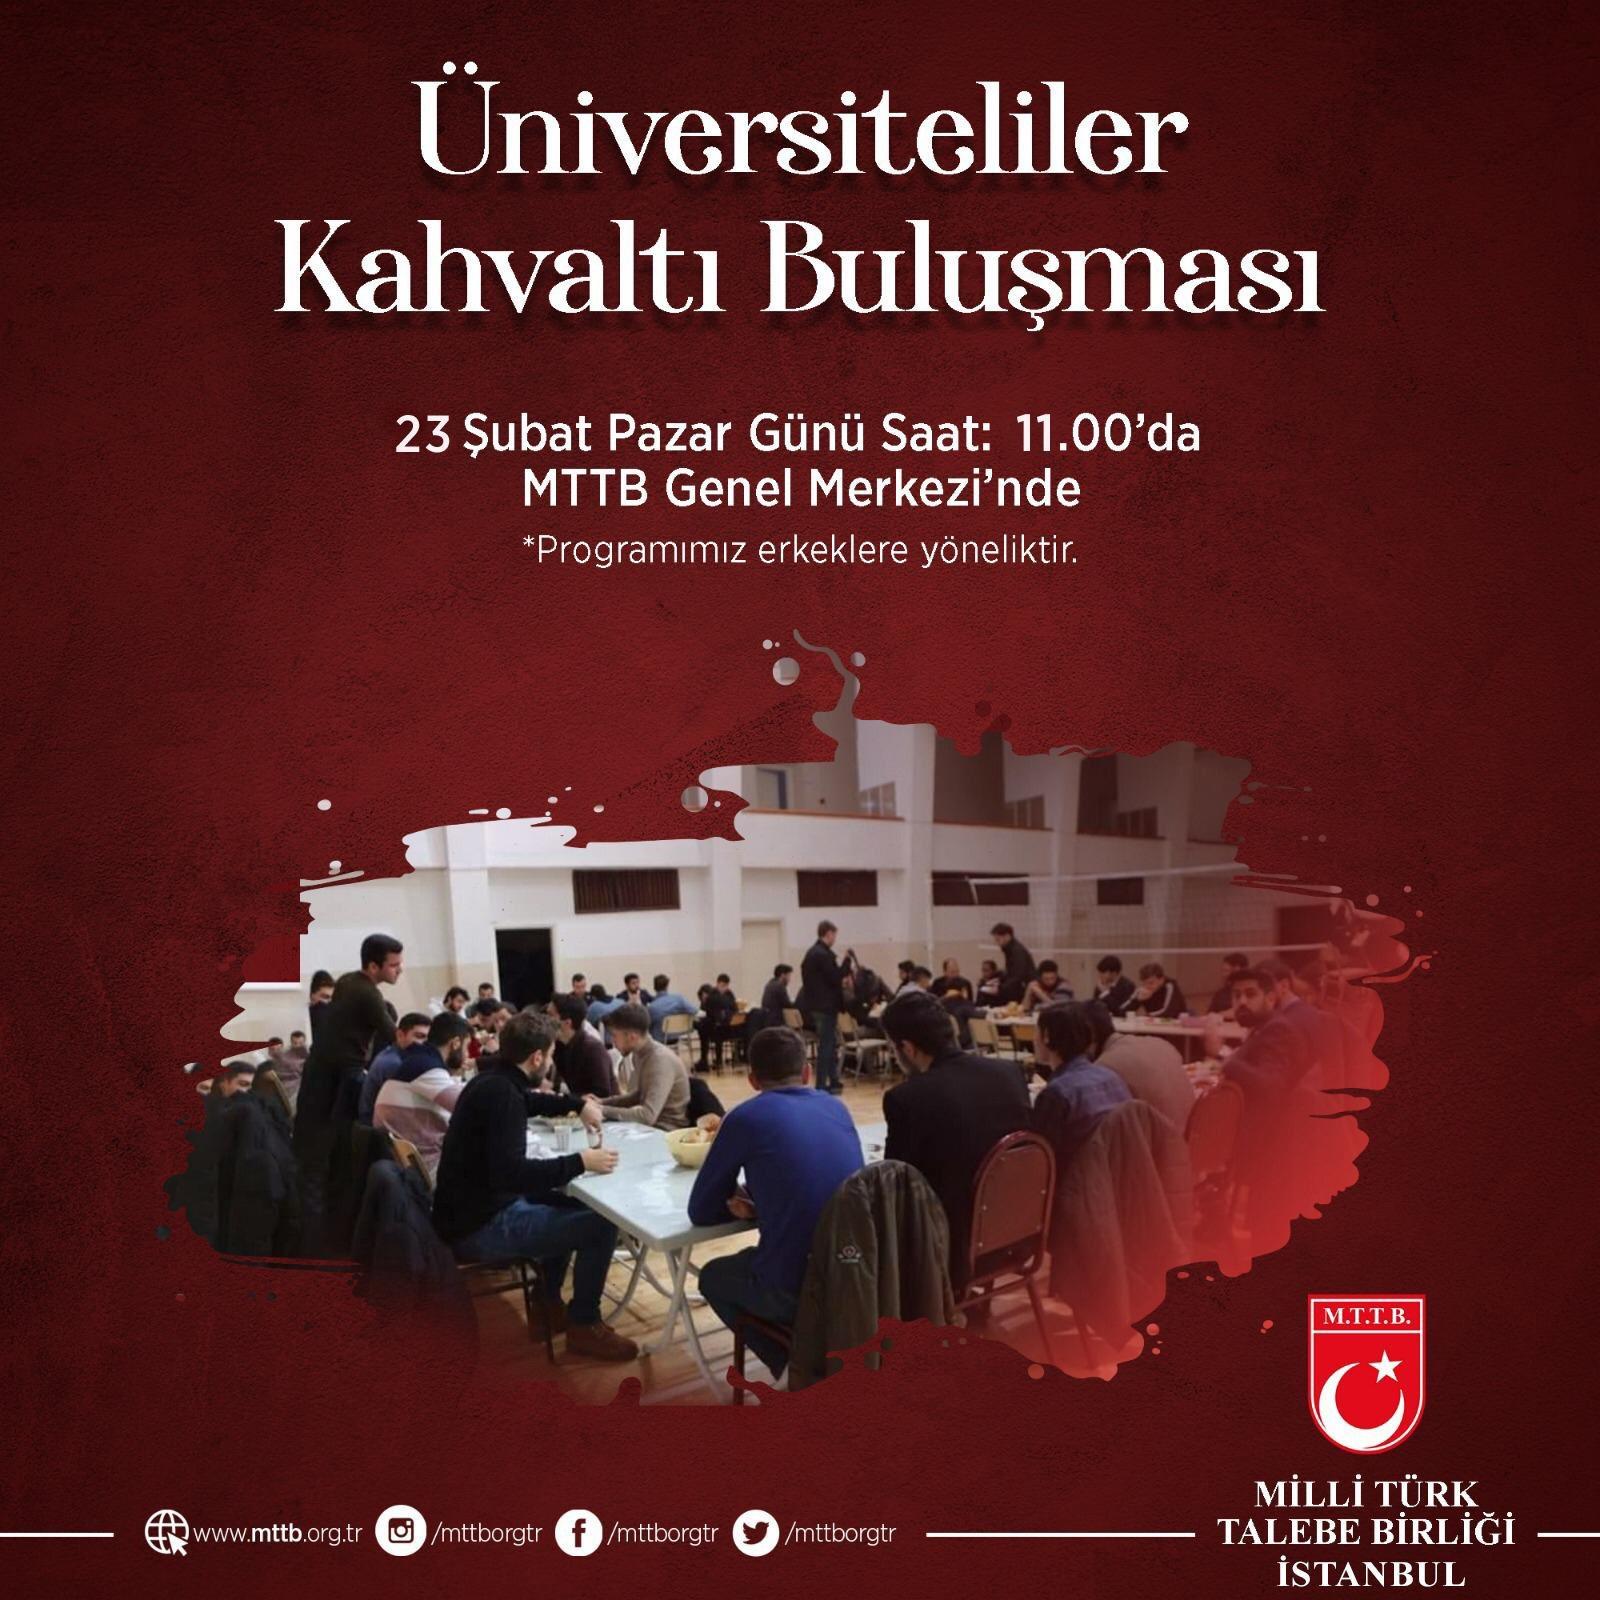 'Üniversiteliler Kahvaltı Buluşması'